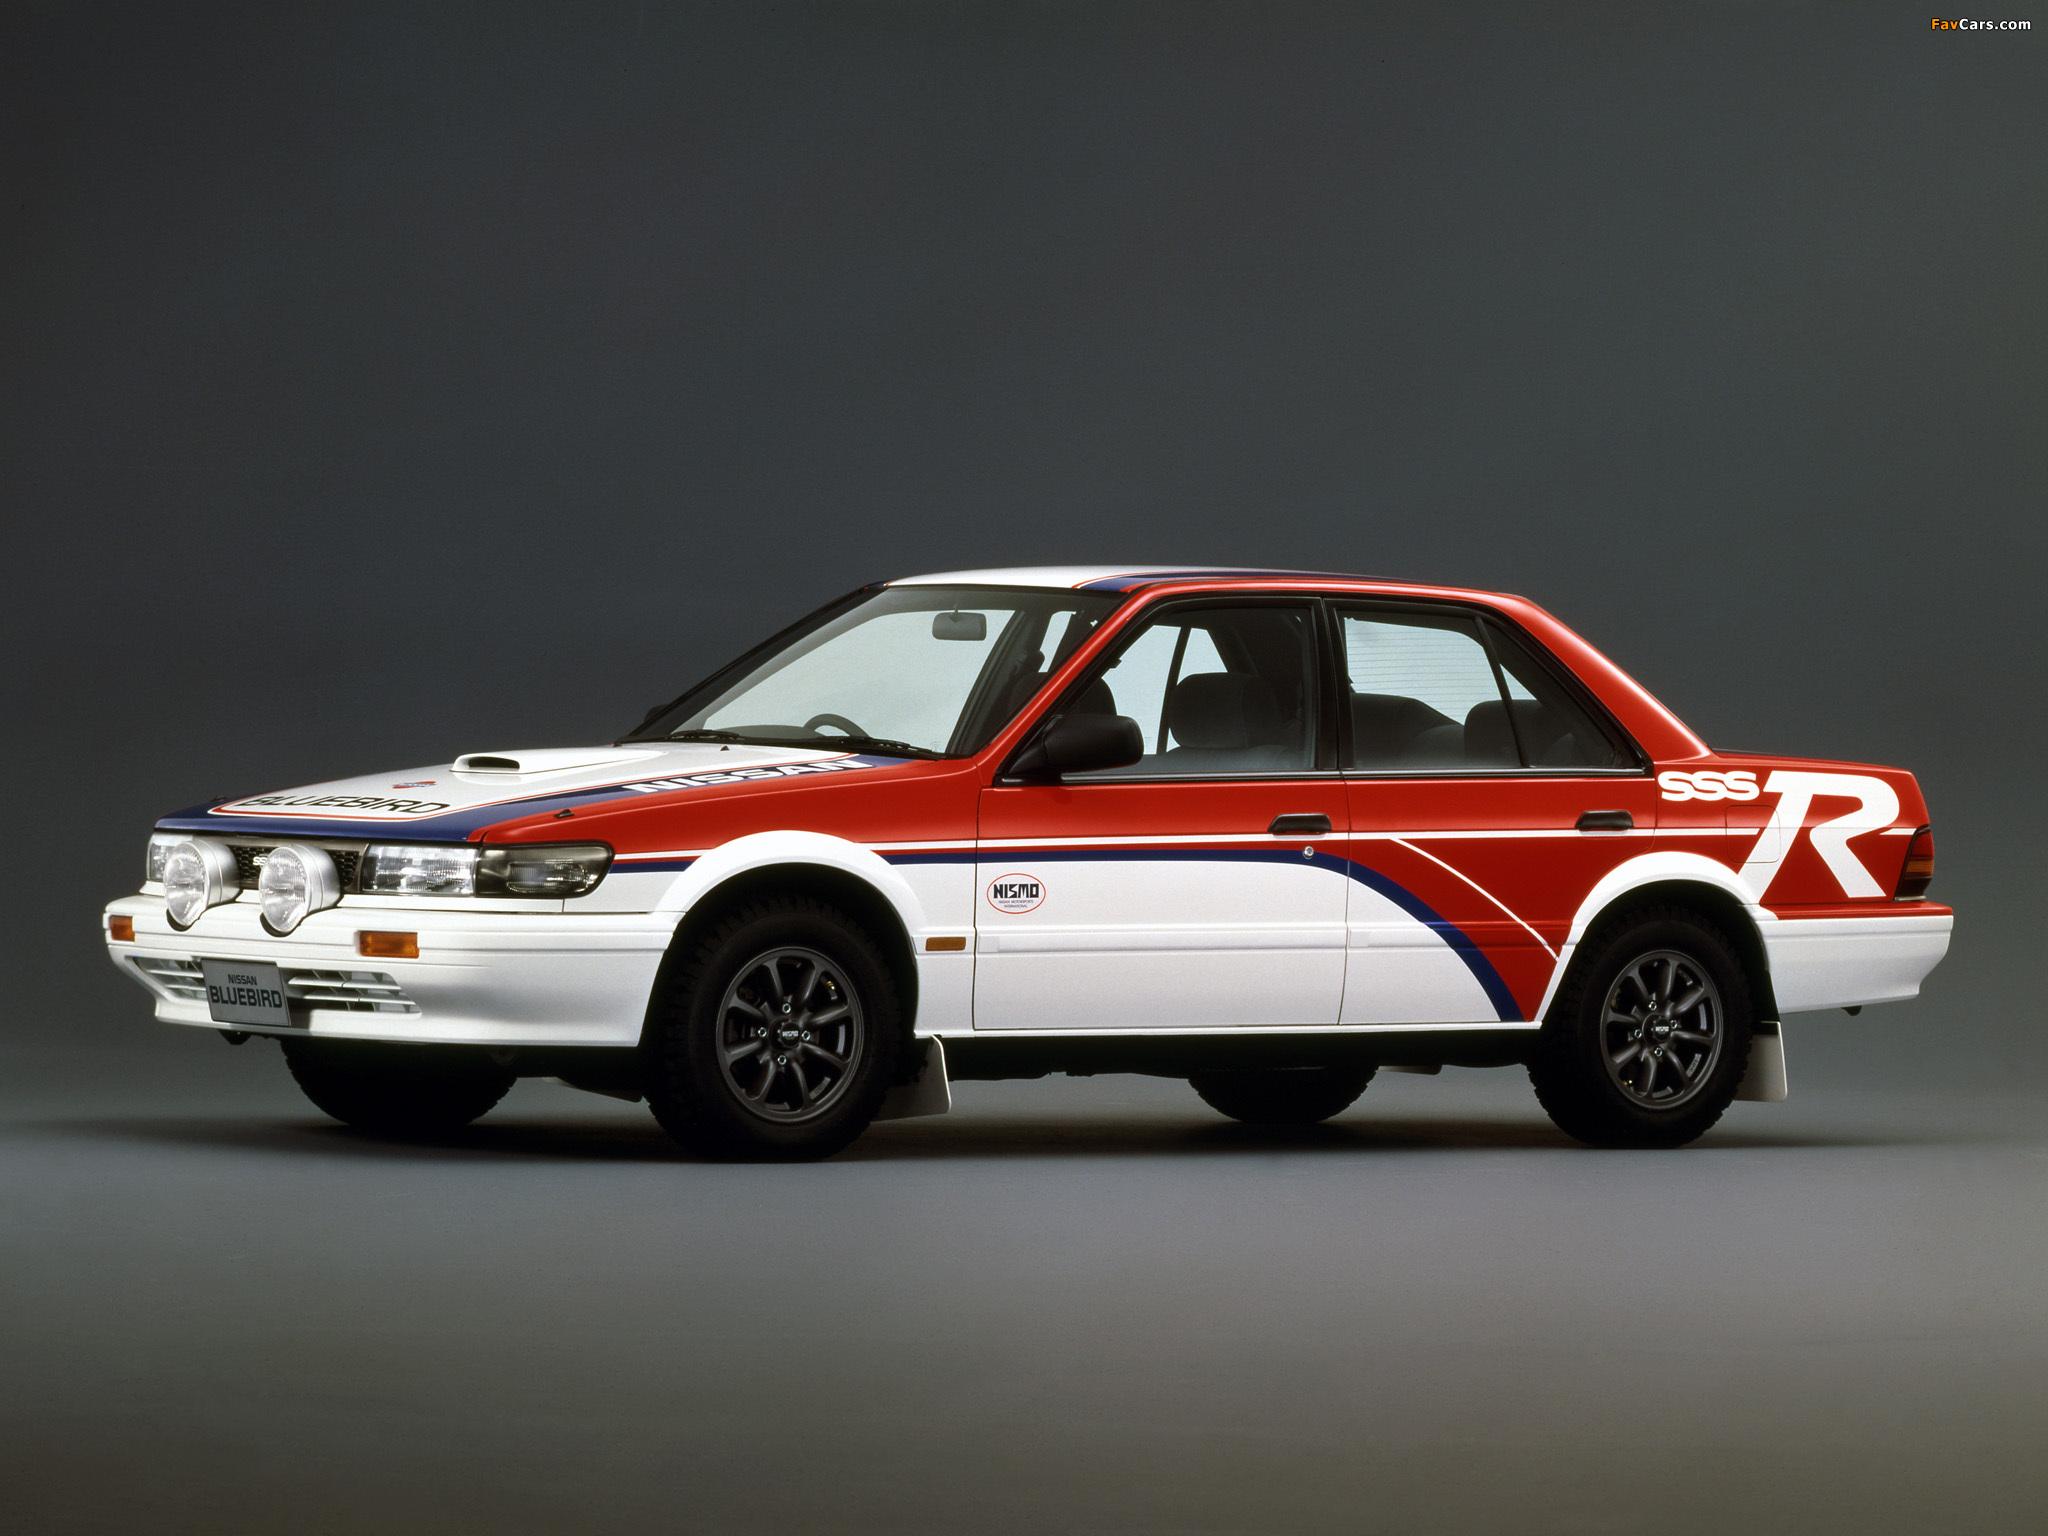 Bluebird SSS-R Attesa {U12} (1987) - Pictures 1987 Nissan Bluebird